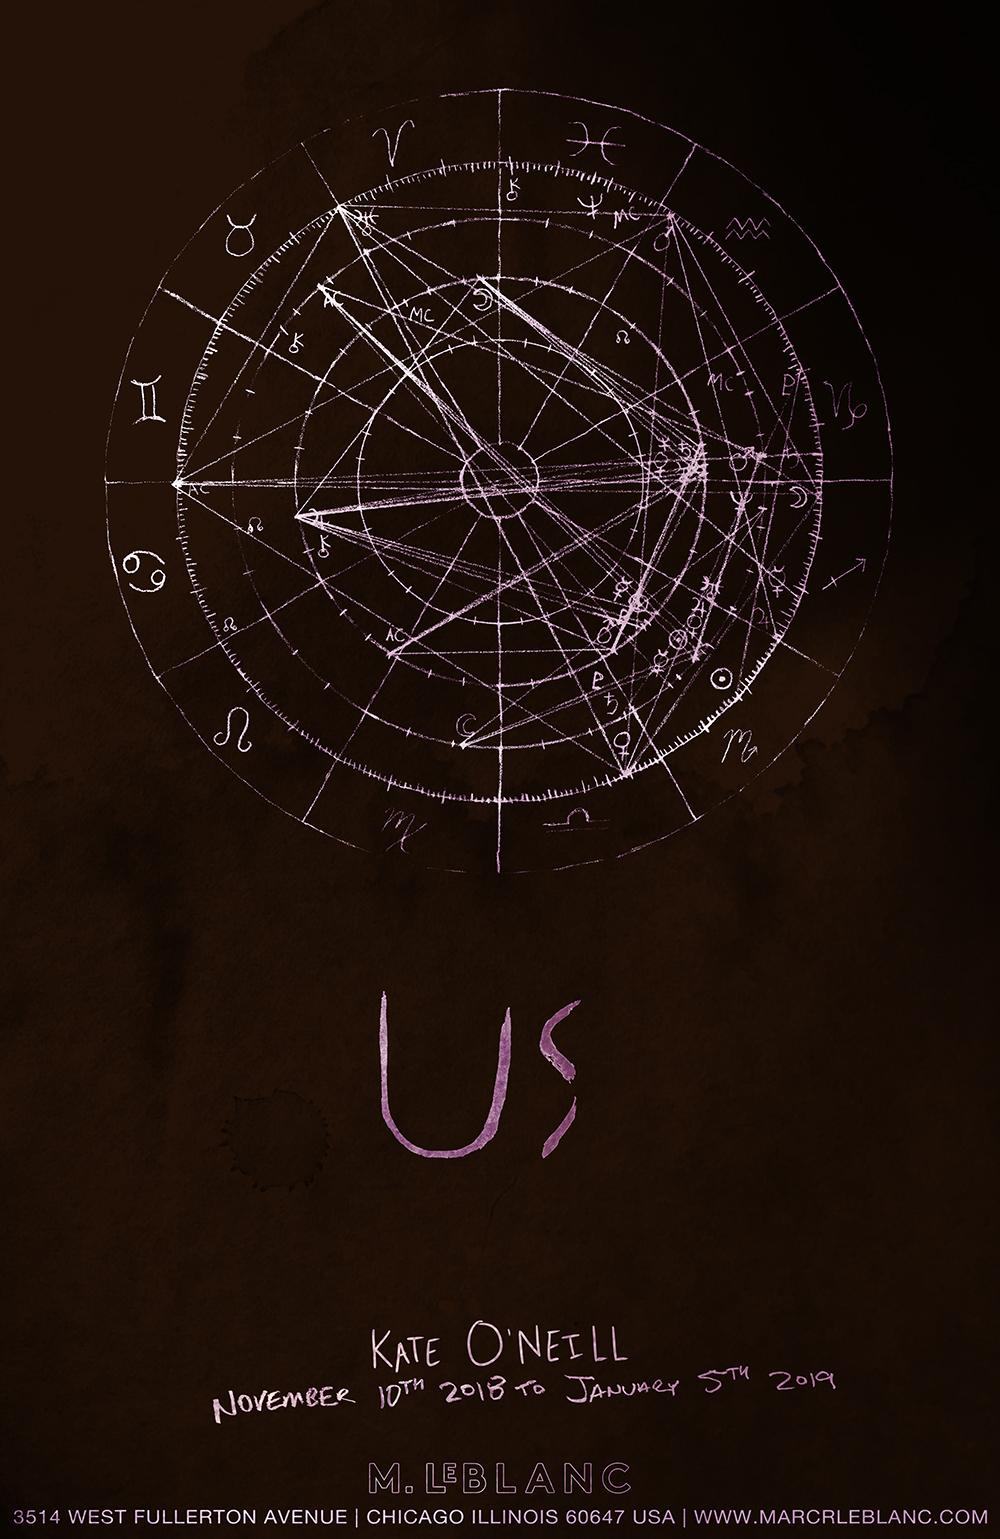 Us_Poster_KateONeill.jpg